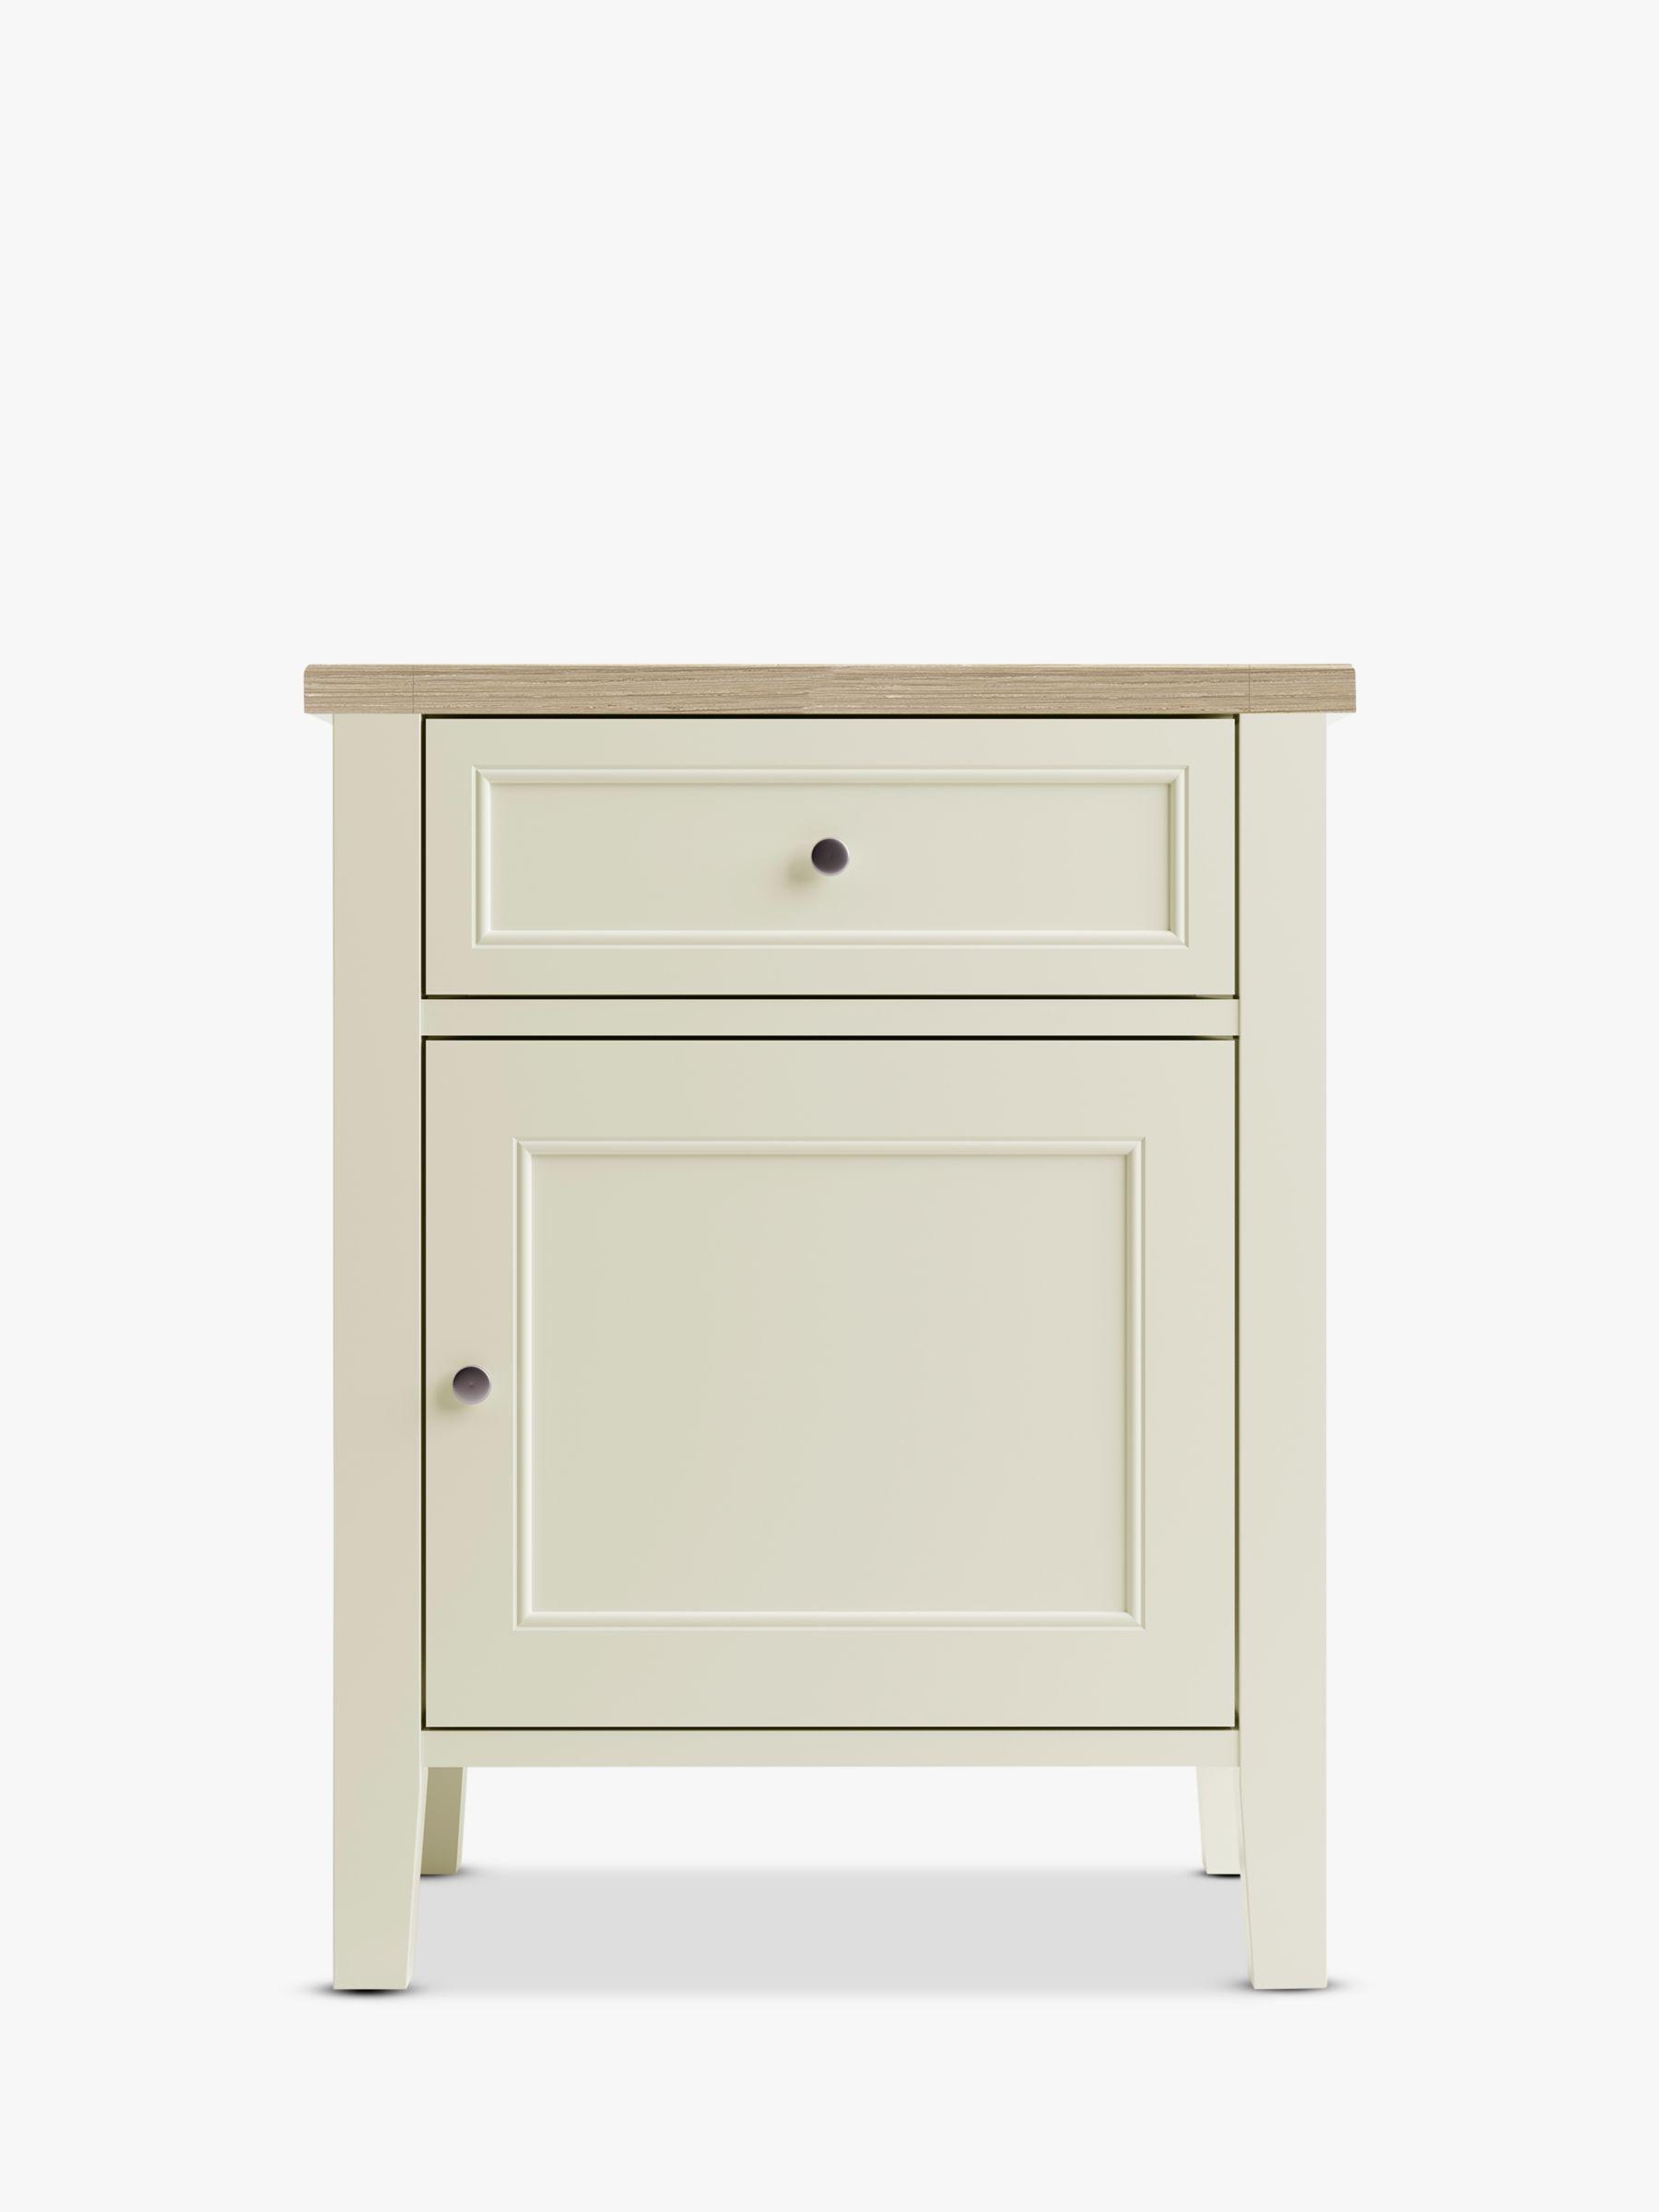 John Lewis & Partners St Ives Storage Bedside Table, FSC Certified (Oak, Birch, Oak Veneers, MDF)